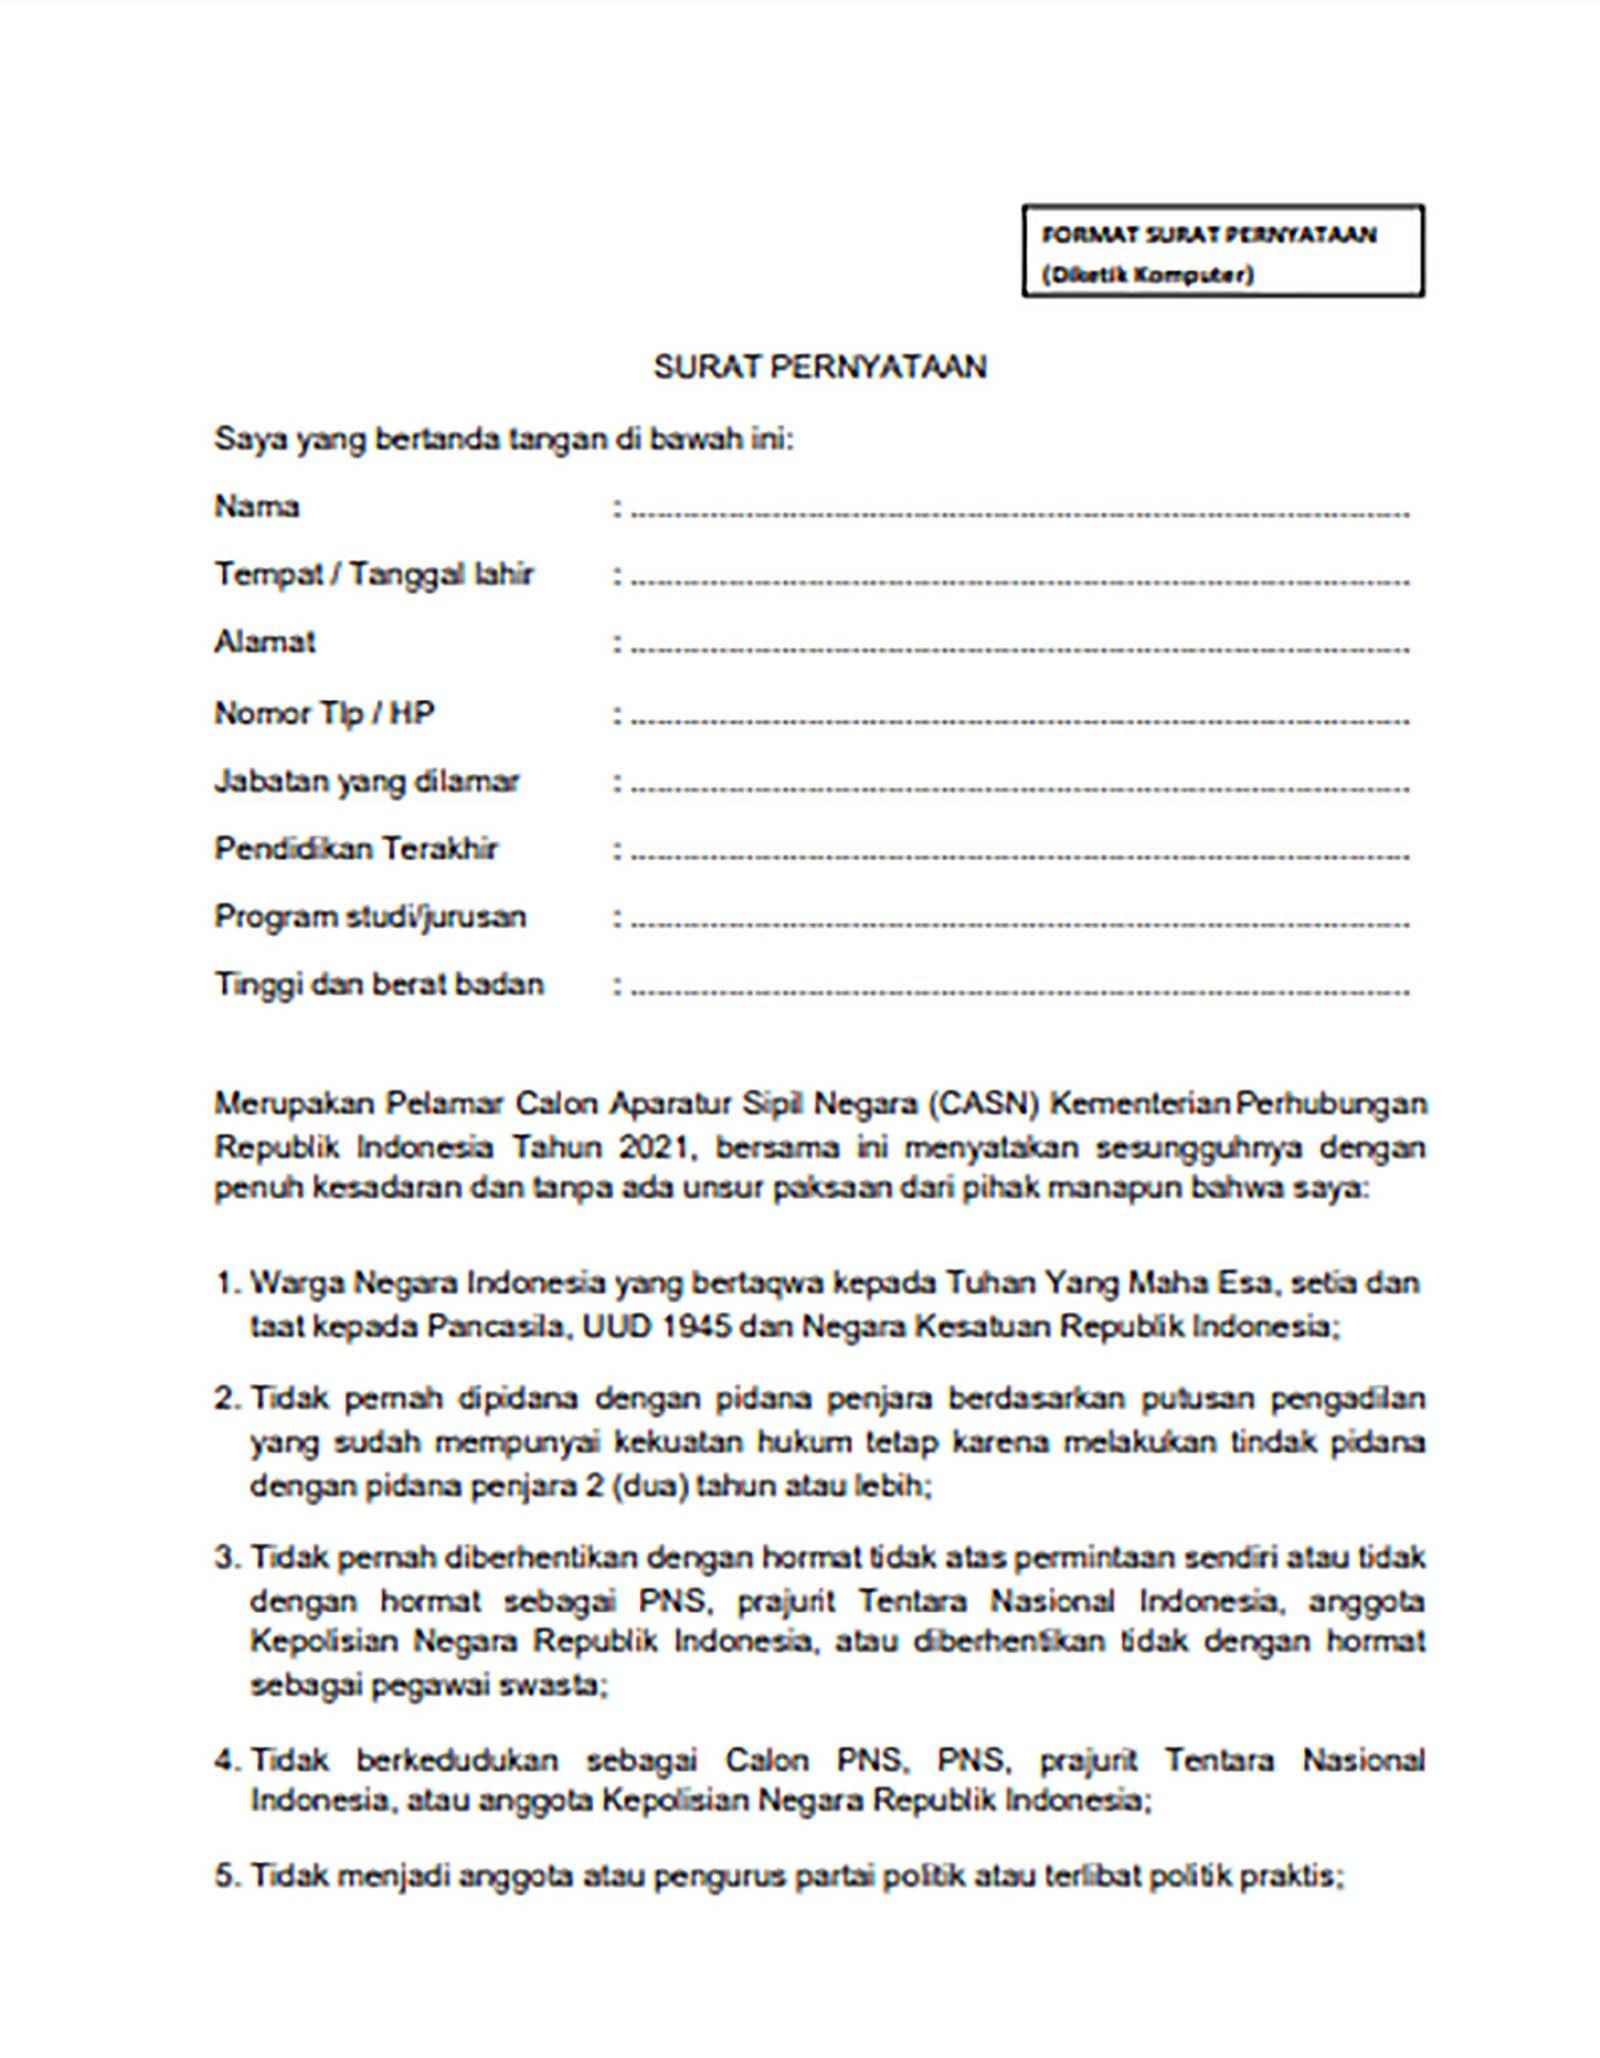 43++ Contoh surat pernyataan cpns 2021 kabupaten terbaru terbaik